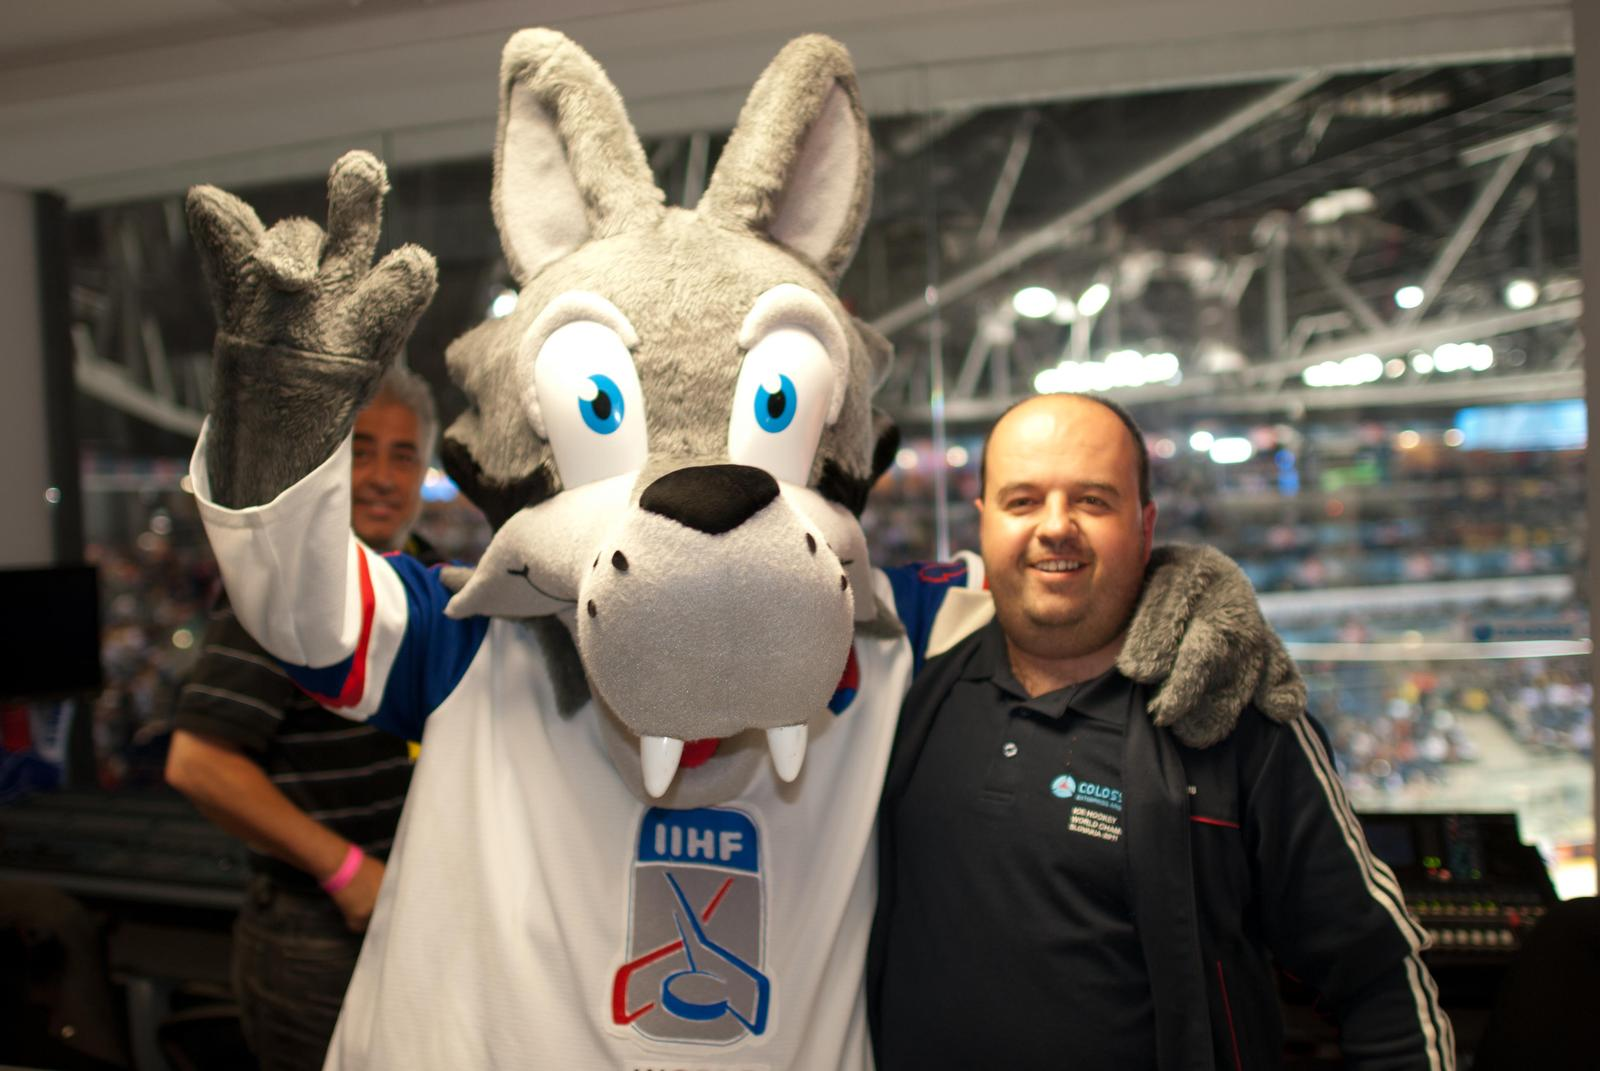 martinleo - MS v hokeji 2011 Bratislava -DJ